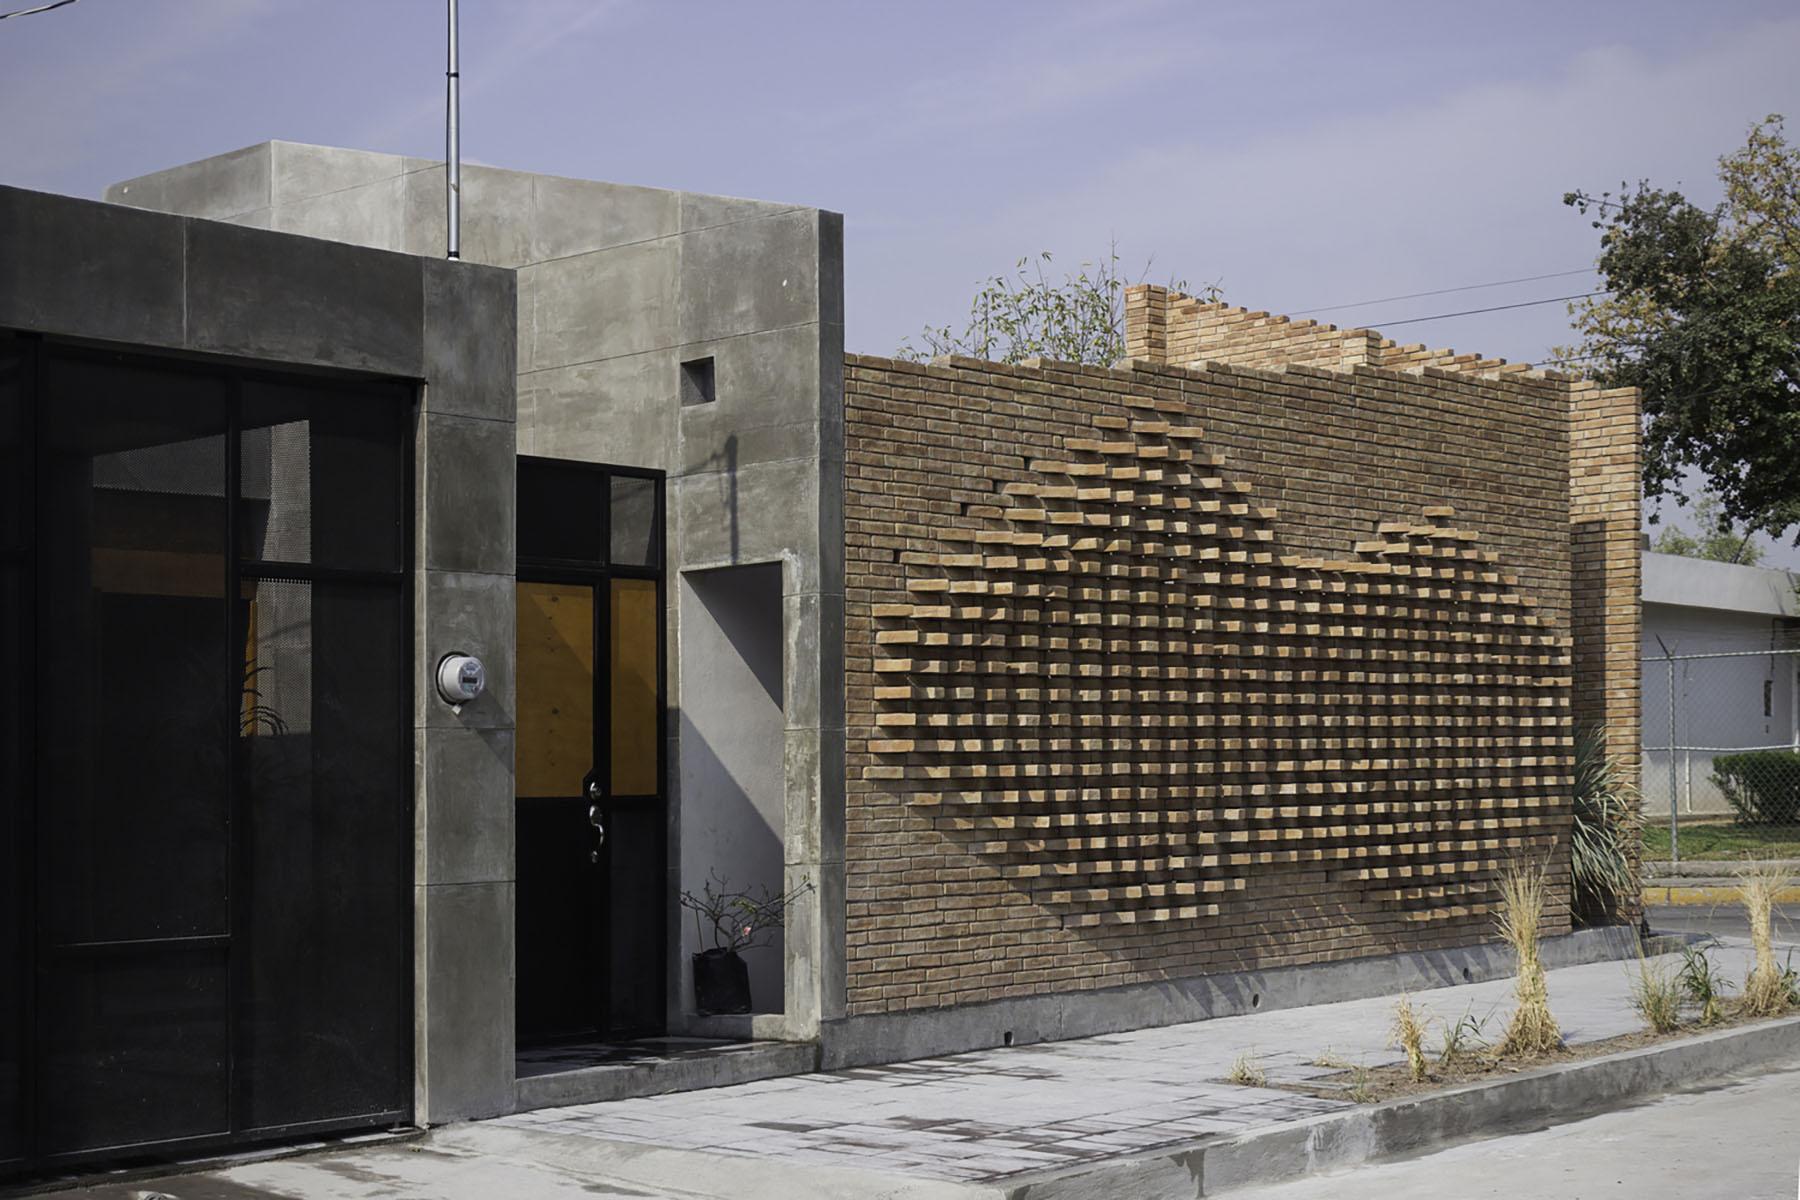 iGNANT-Architecture-Ariel-Valenzuela-And-Diego-Ledesma -Casa-Papagayo-17b